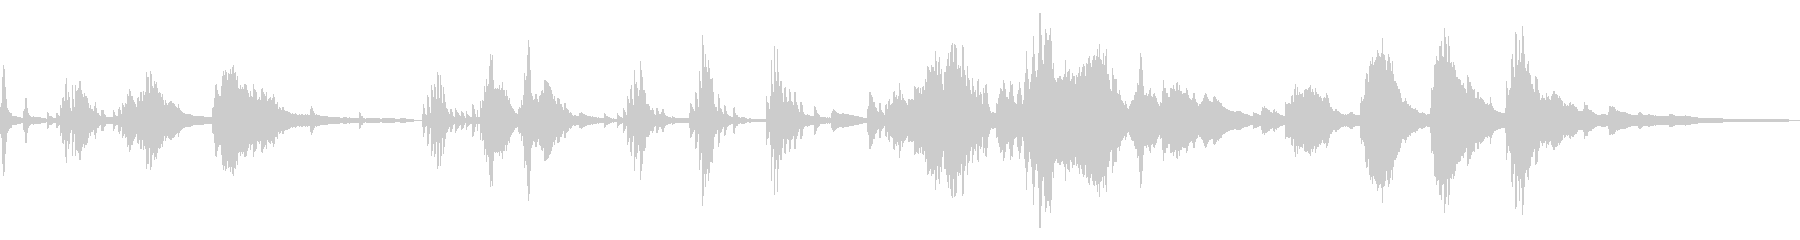 シリアスな和風の雰囲気16-ピアノソロの未再生の波形